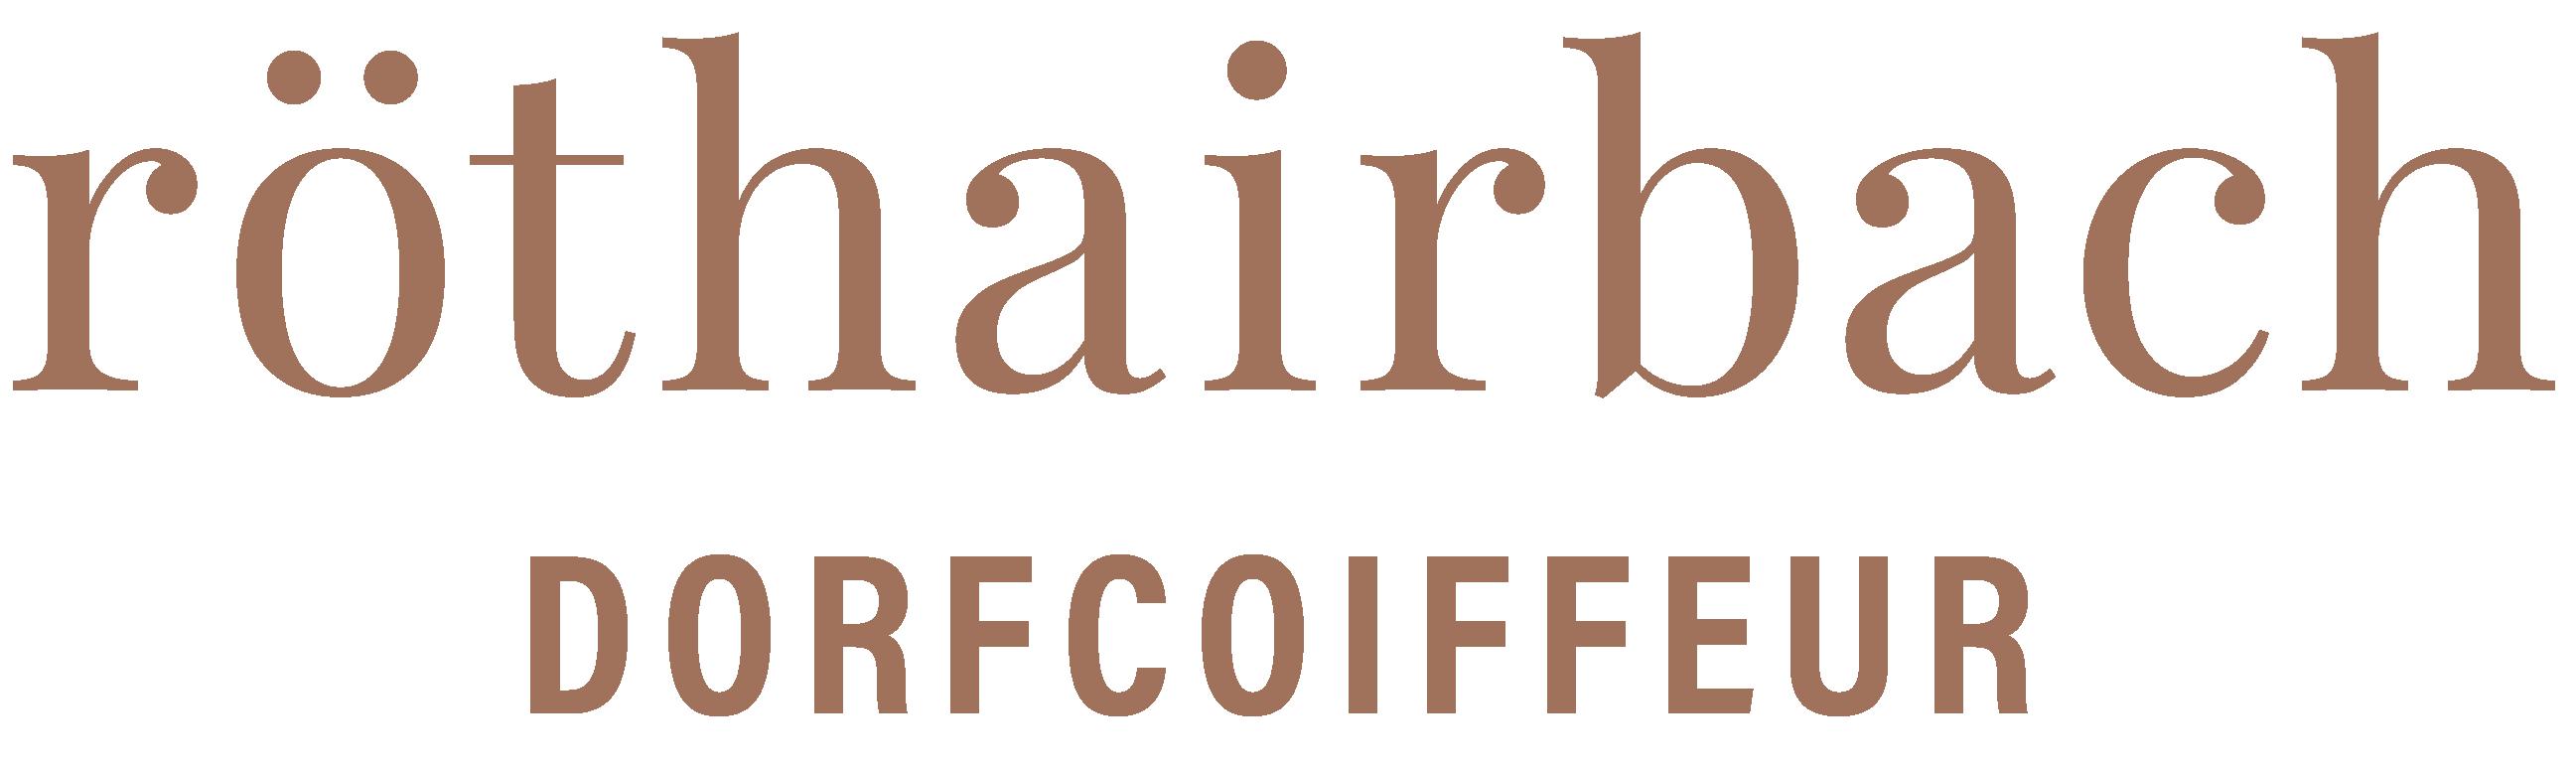 röthairbach dorf-coiffeur röthenbach